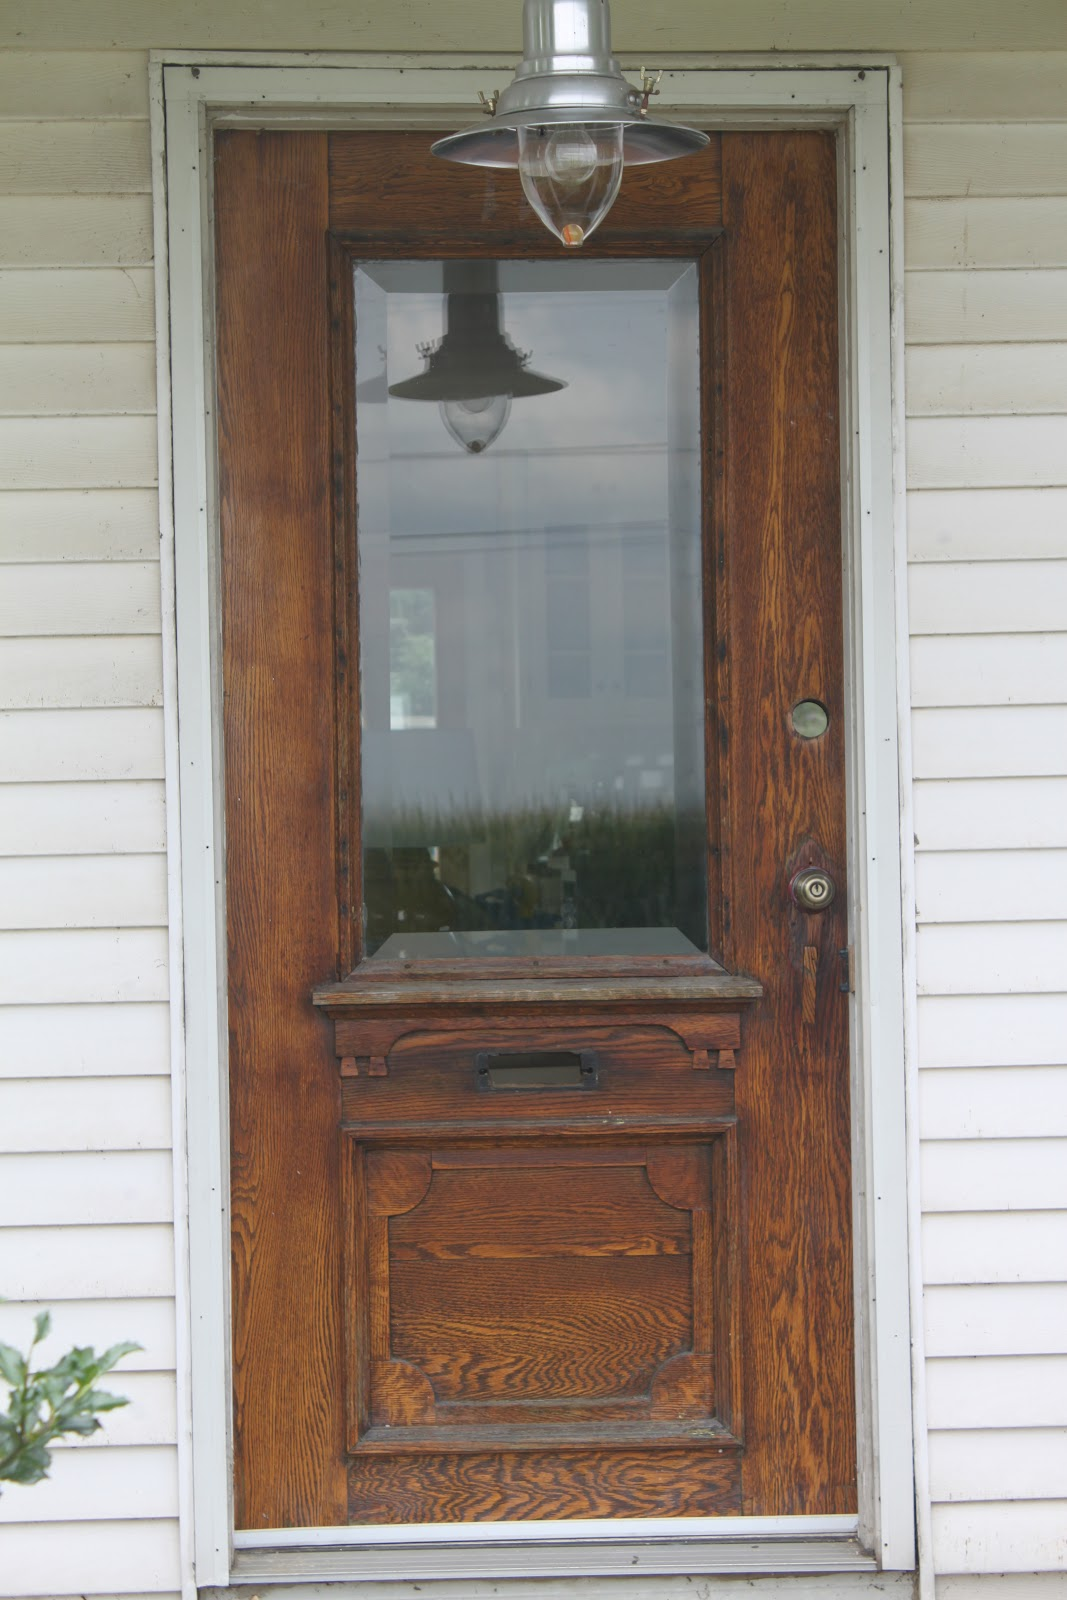 1600 #6C4735 Antique Front Door This Old Doors Brings. save image Vintage Exterior Doors 41071067